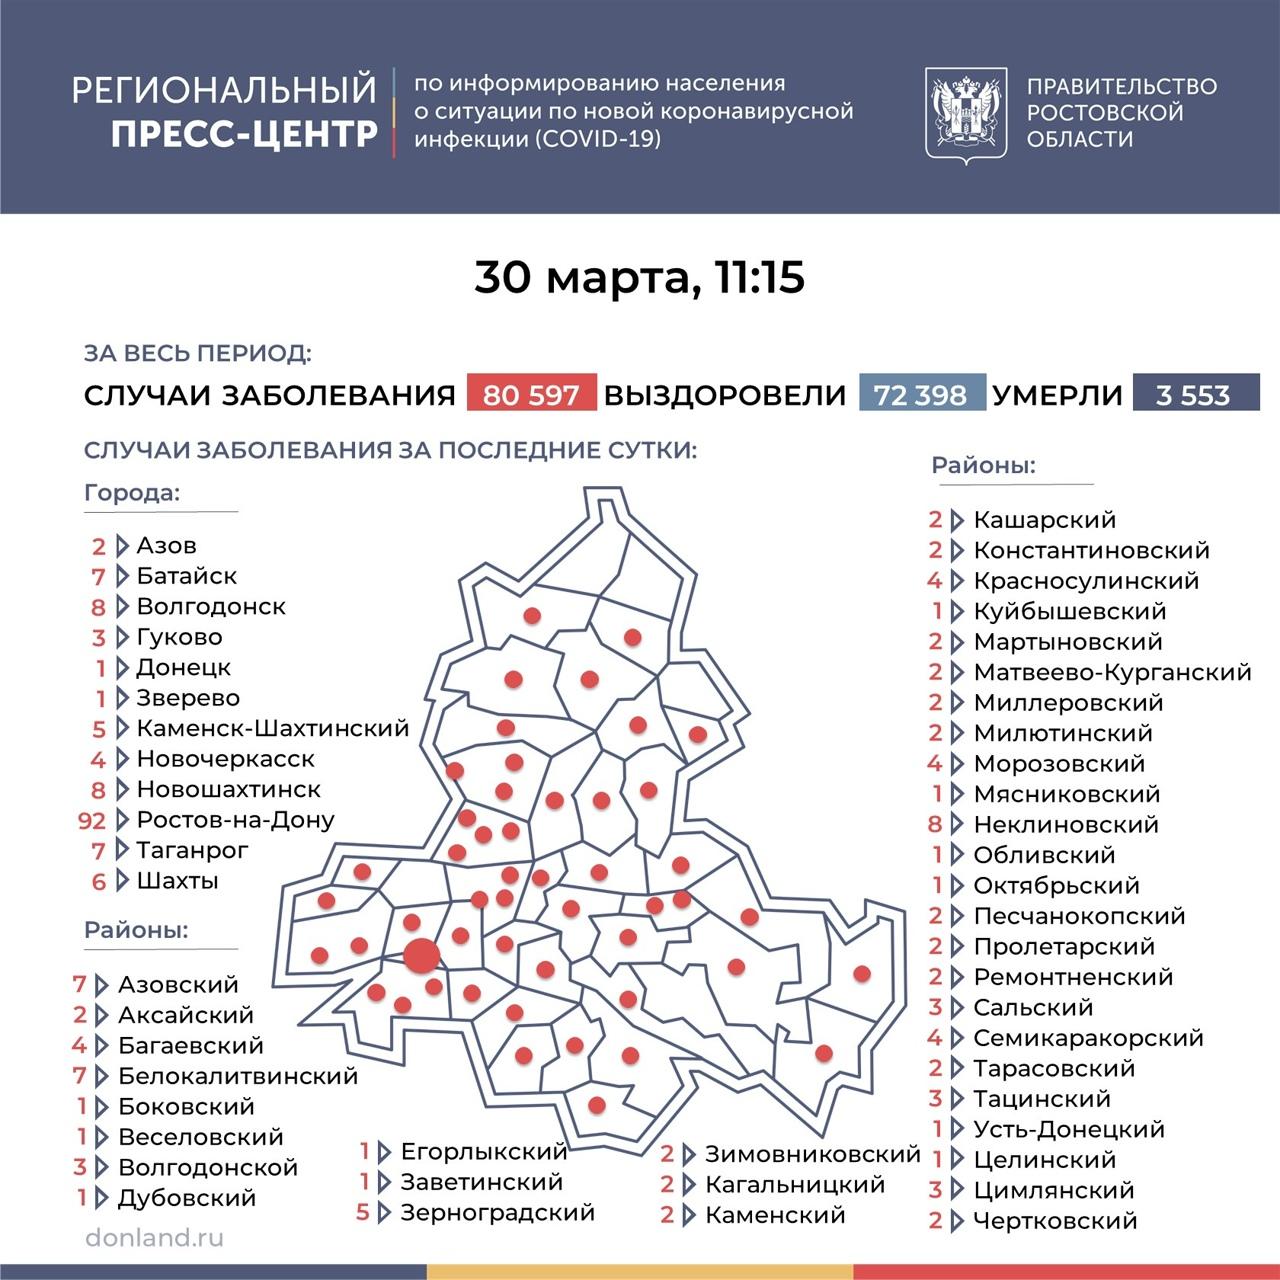 На Дону число инфицированных COVID-19 составляет 240, в Таганроге 7 новых случаев